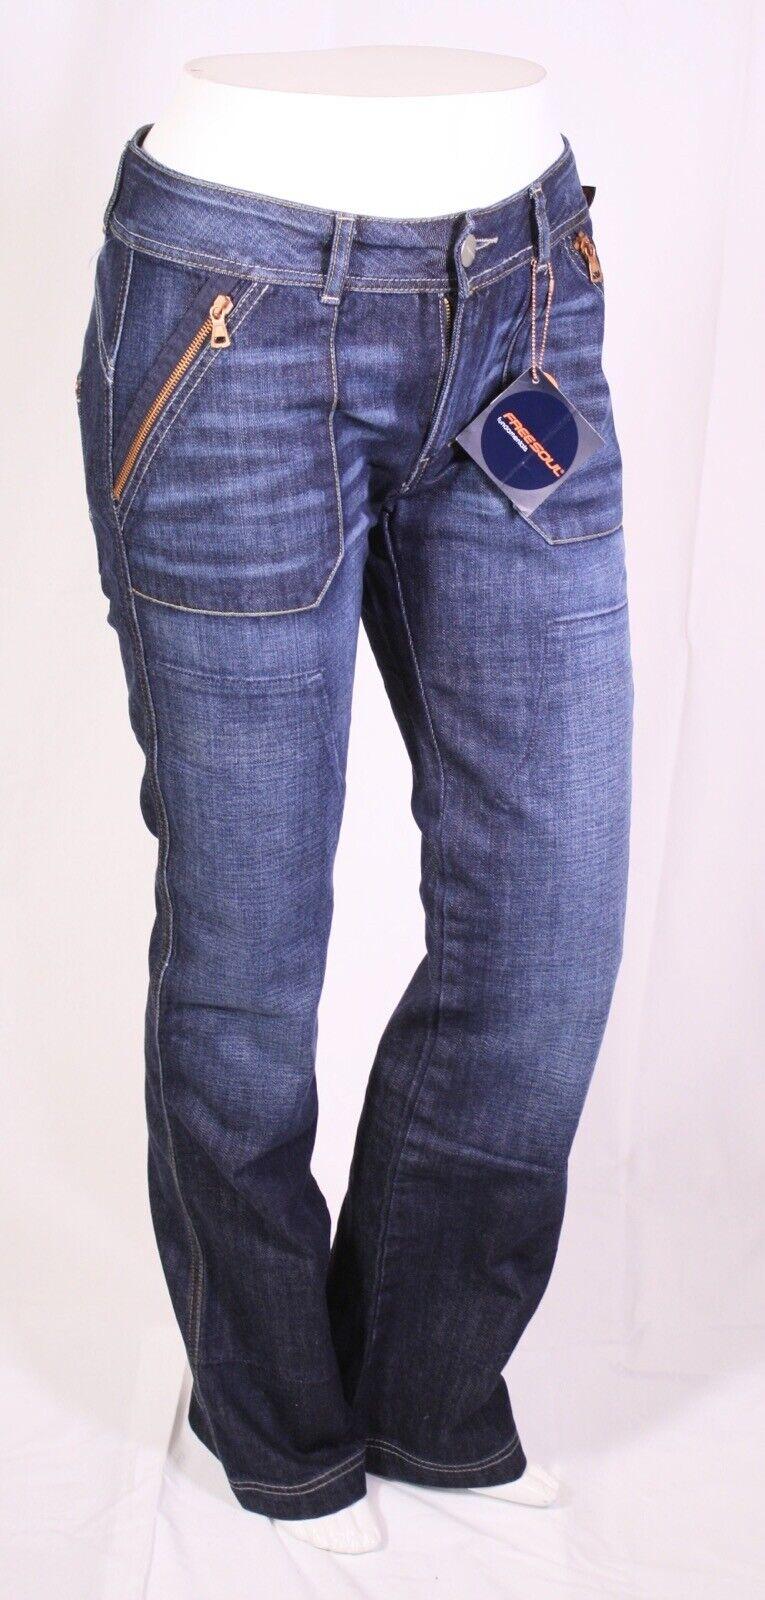 KJ5-8 Freesoul Scratch Damen Jeans blau blau blau W28 L34 Stretch Stiefelcut Workerlook Neu | Clearance Sale  | Neuartiges Design  | Neues Design  | Haben Wir Lob Von Kunden Gewonnen  | Clever und praktisch  454563